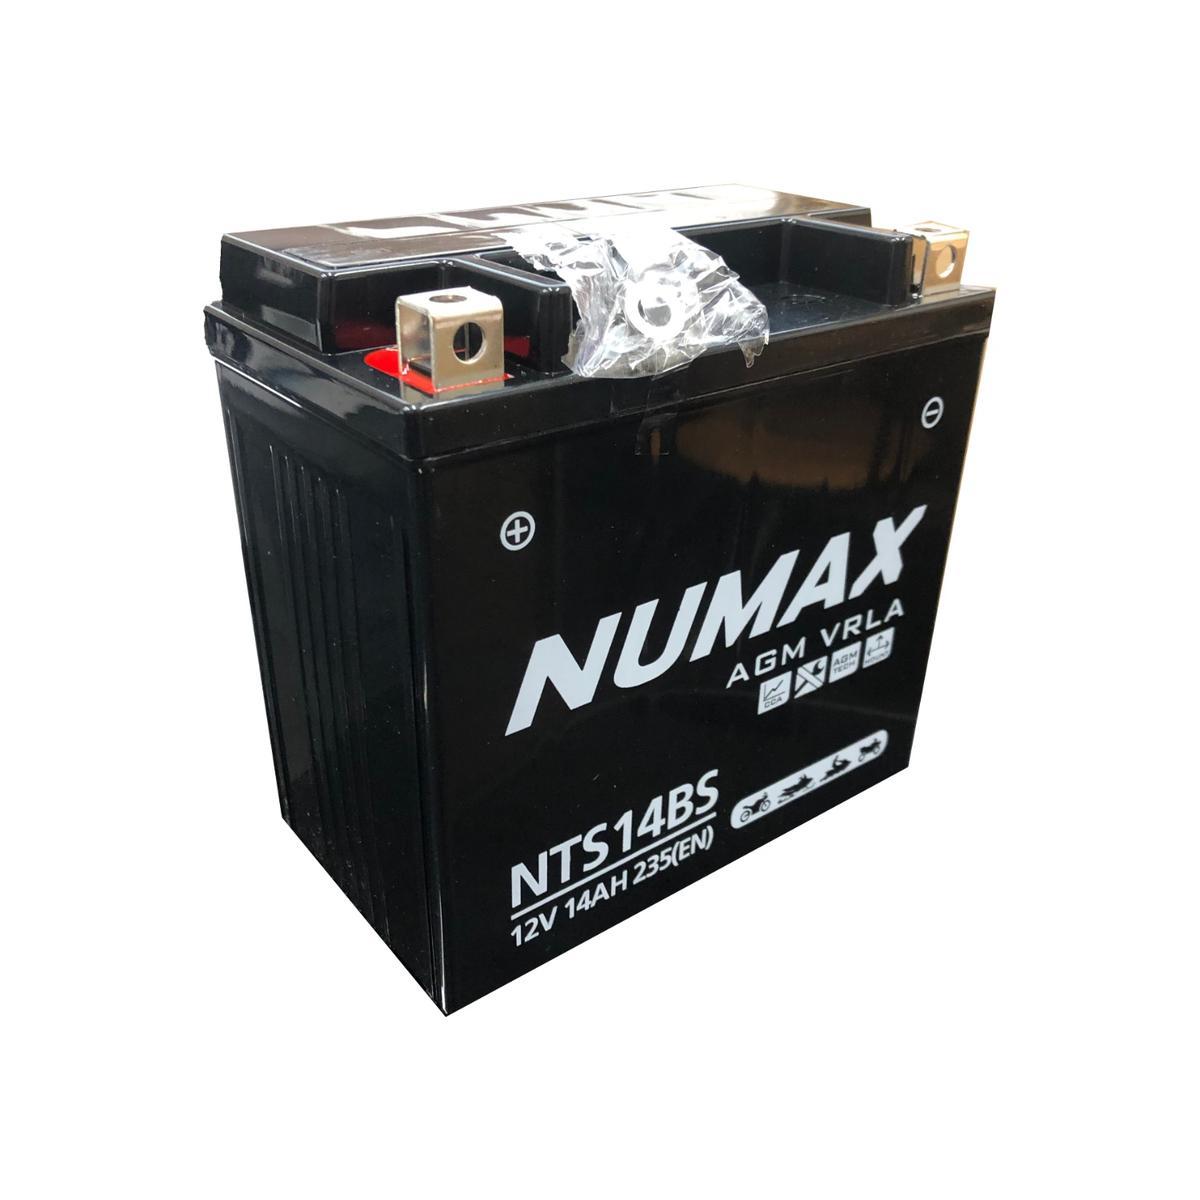 Numax NTS14BS Kawasaki ZRX1100 & C-G MotorBike Battery